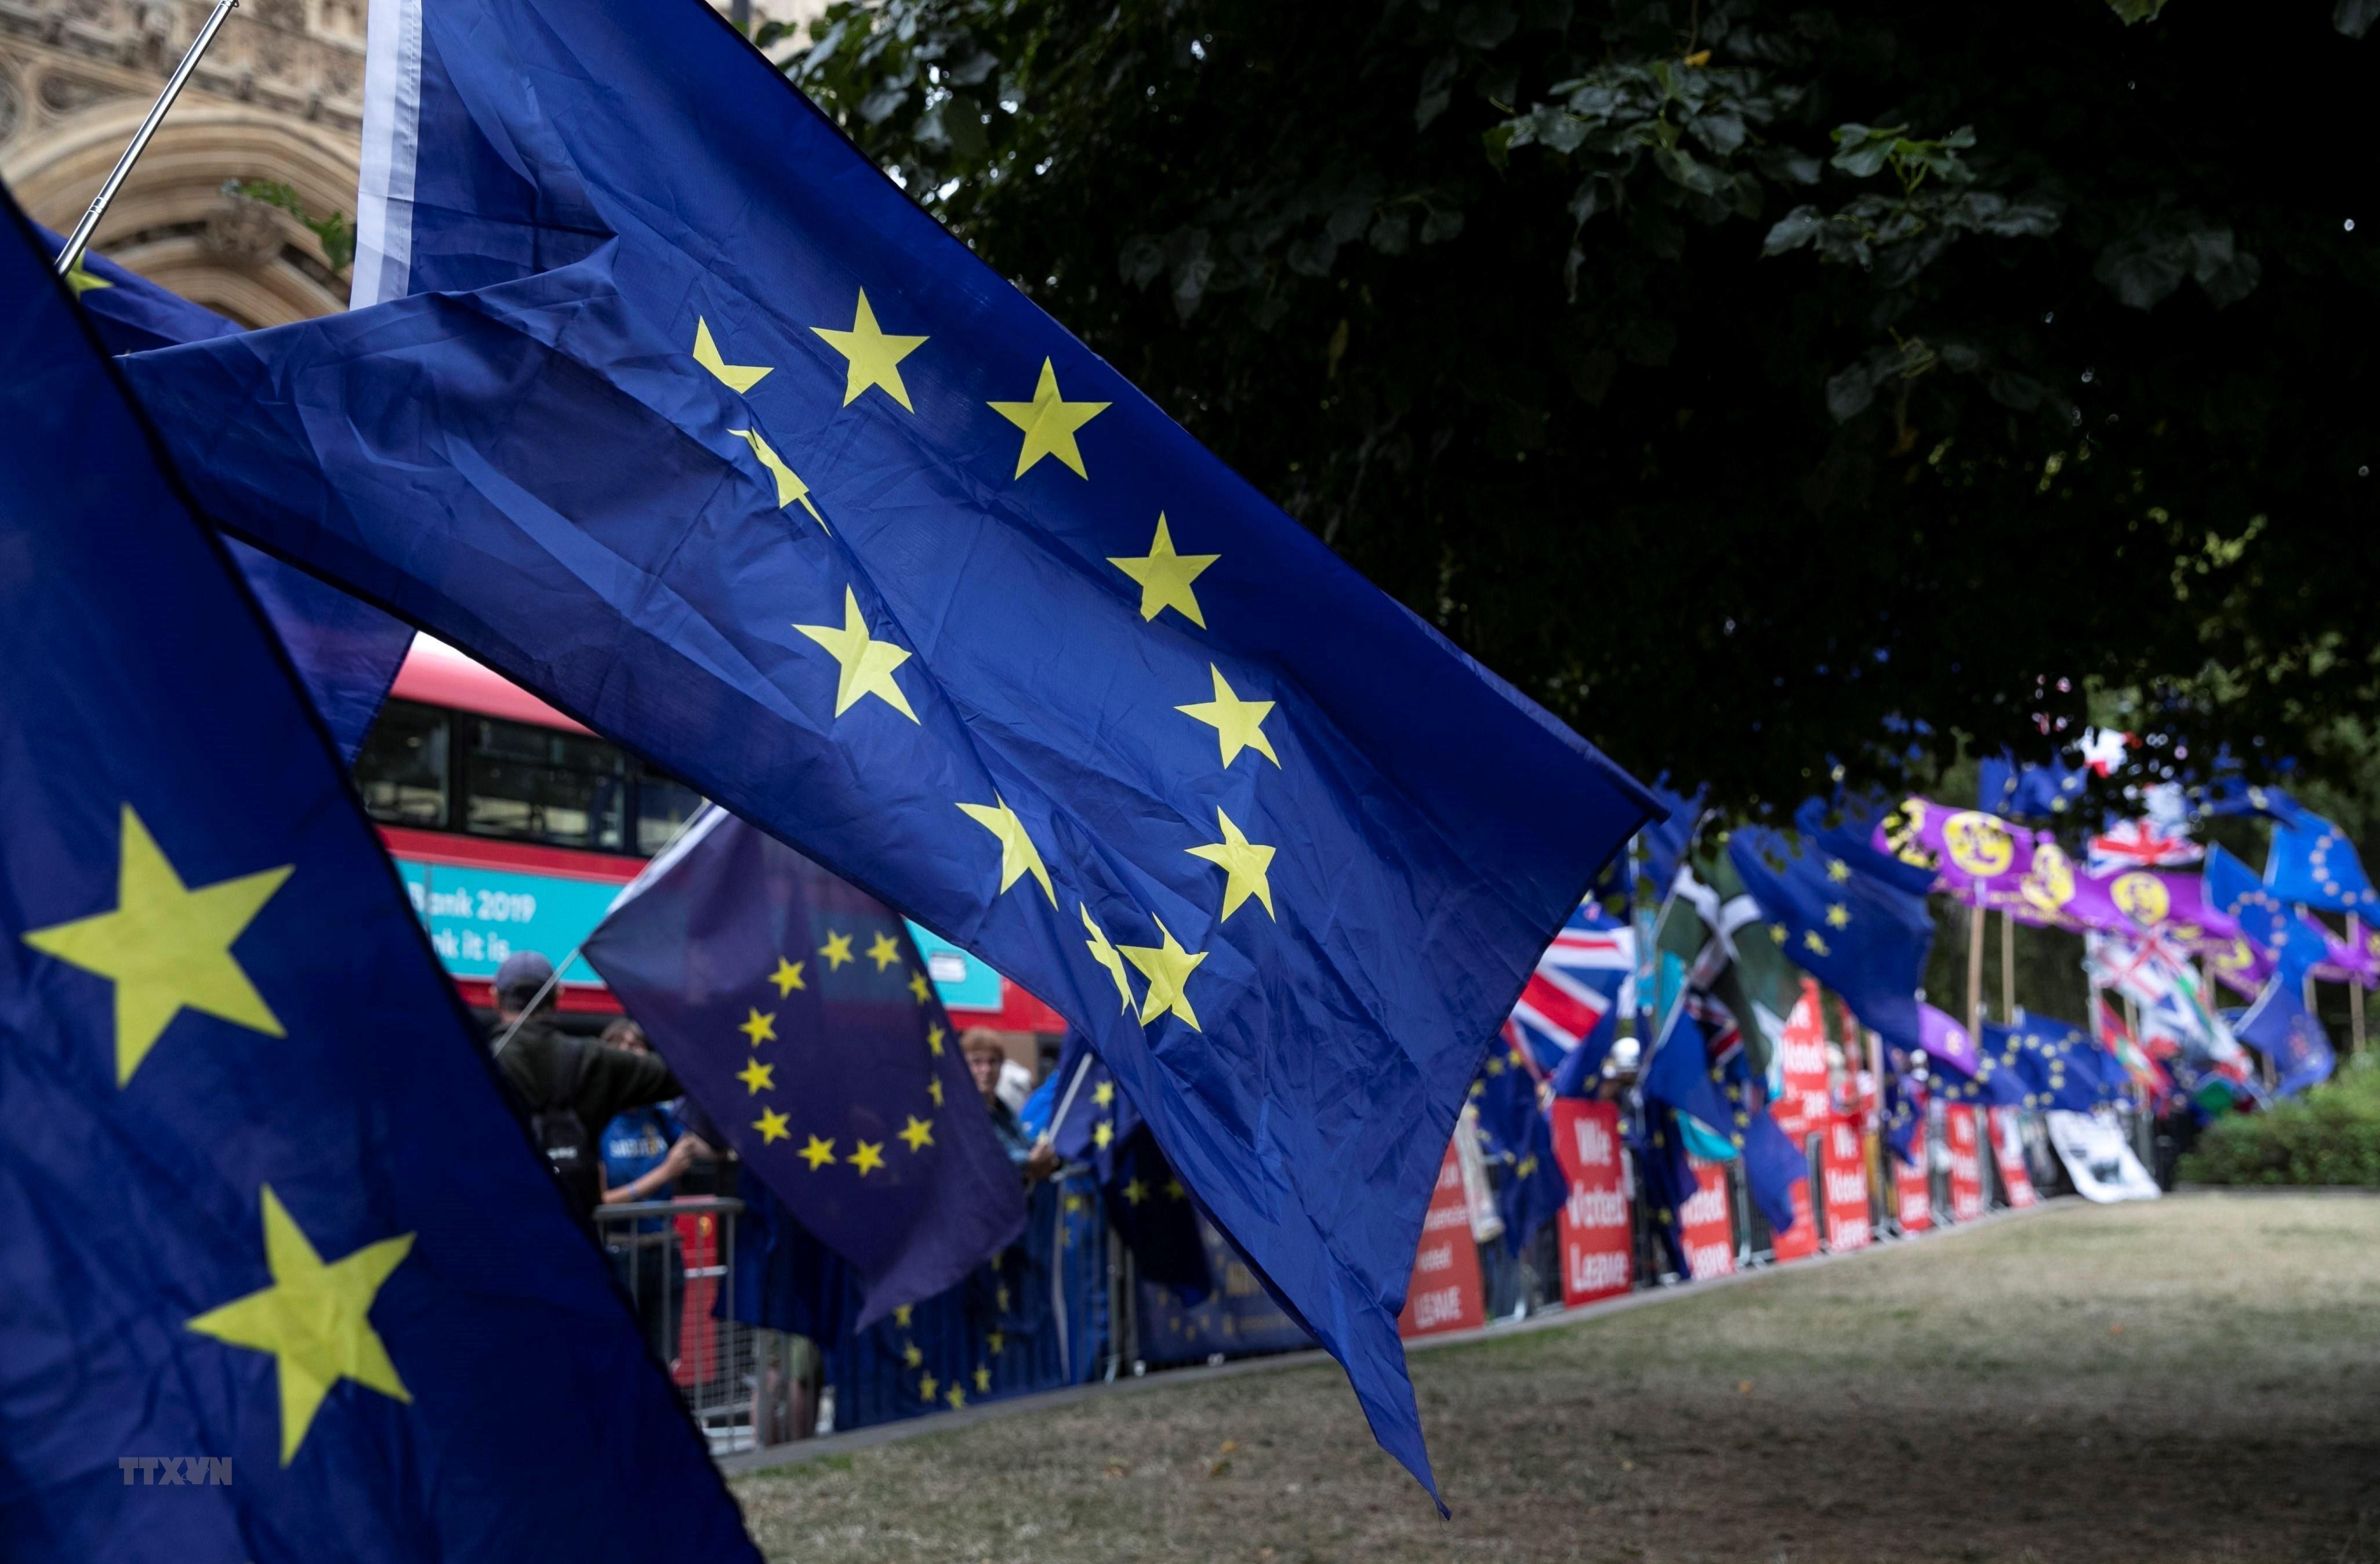 Người biểu tình Anh tuần hành về vấn đề Brexit bên ngoài Hạ viện ở thủ đô London, ngày 3/9/2019. (Nguồn: THX/TTXVN)